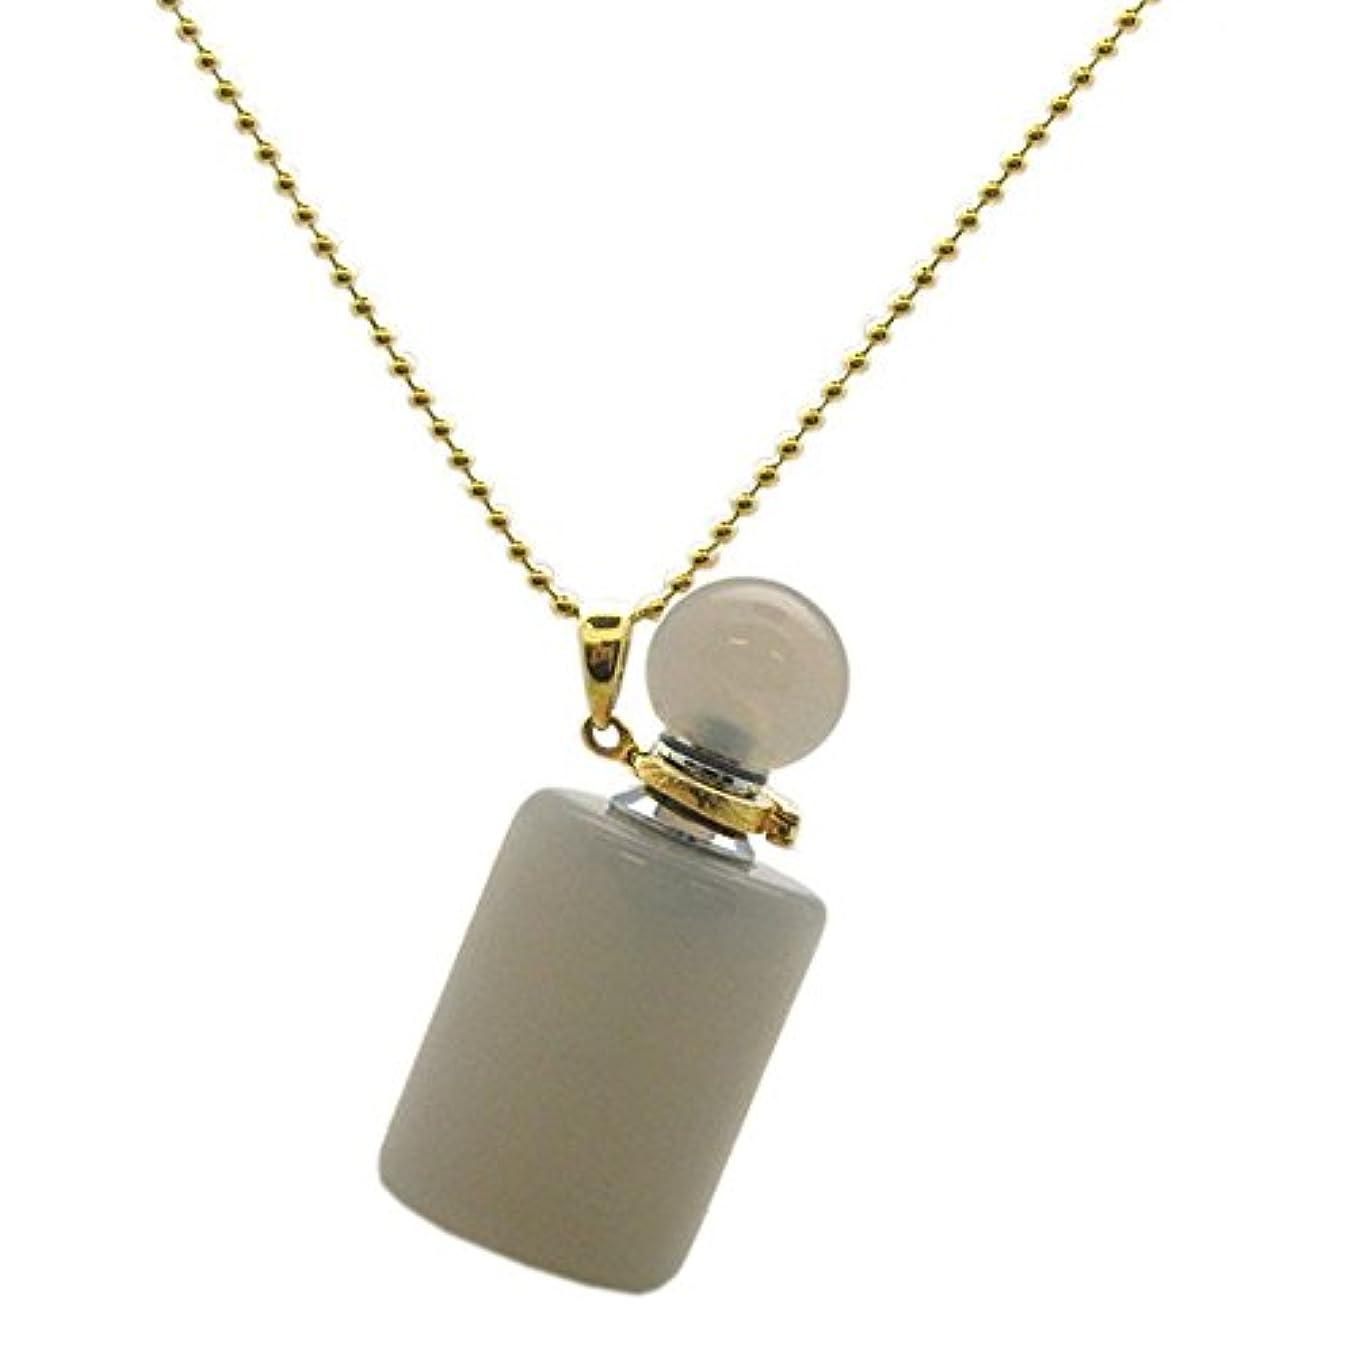 四回海里突然ケイトAvenue Gold over Sterling Silver Gemstone Aromatherapy Essential Oil Diffuserネックレス、香水とMosquito Repellentネックレス...